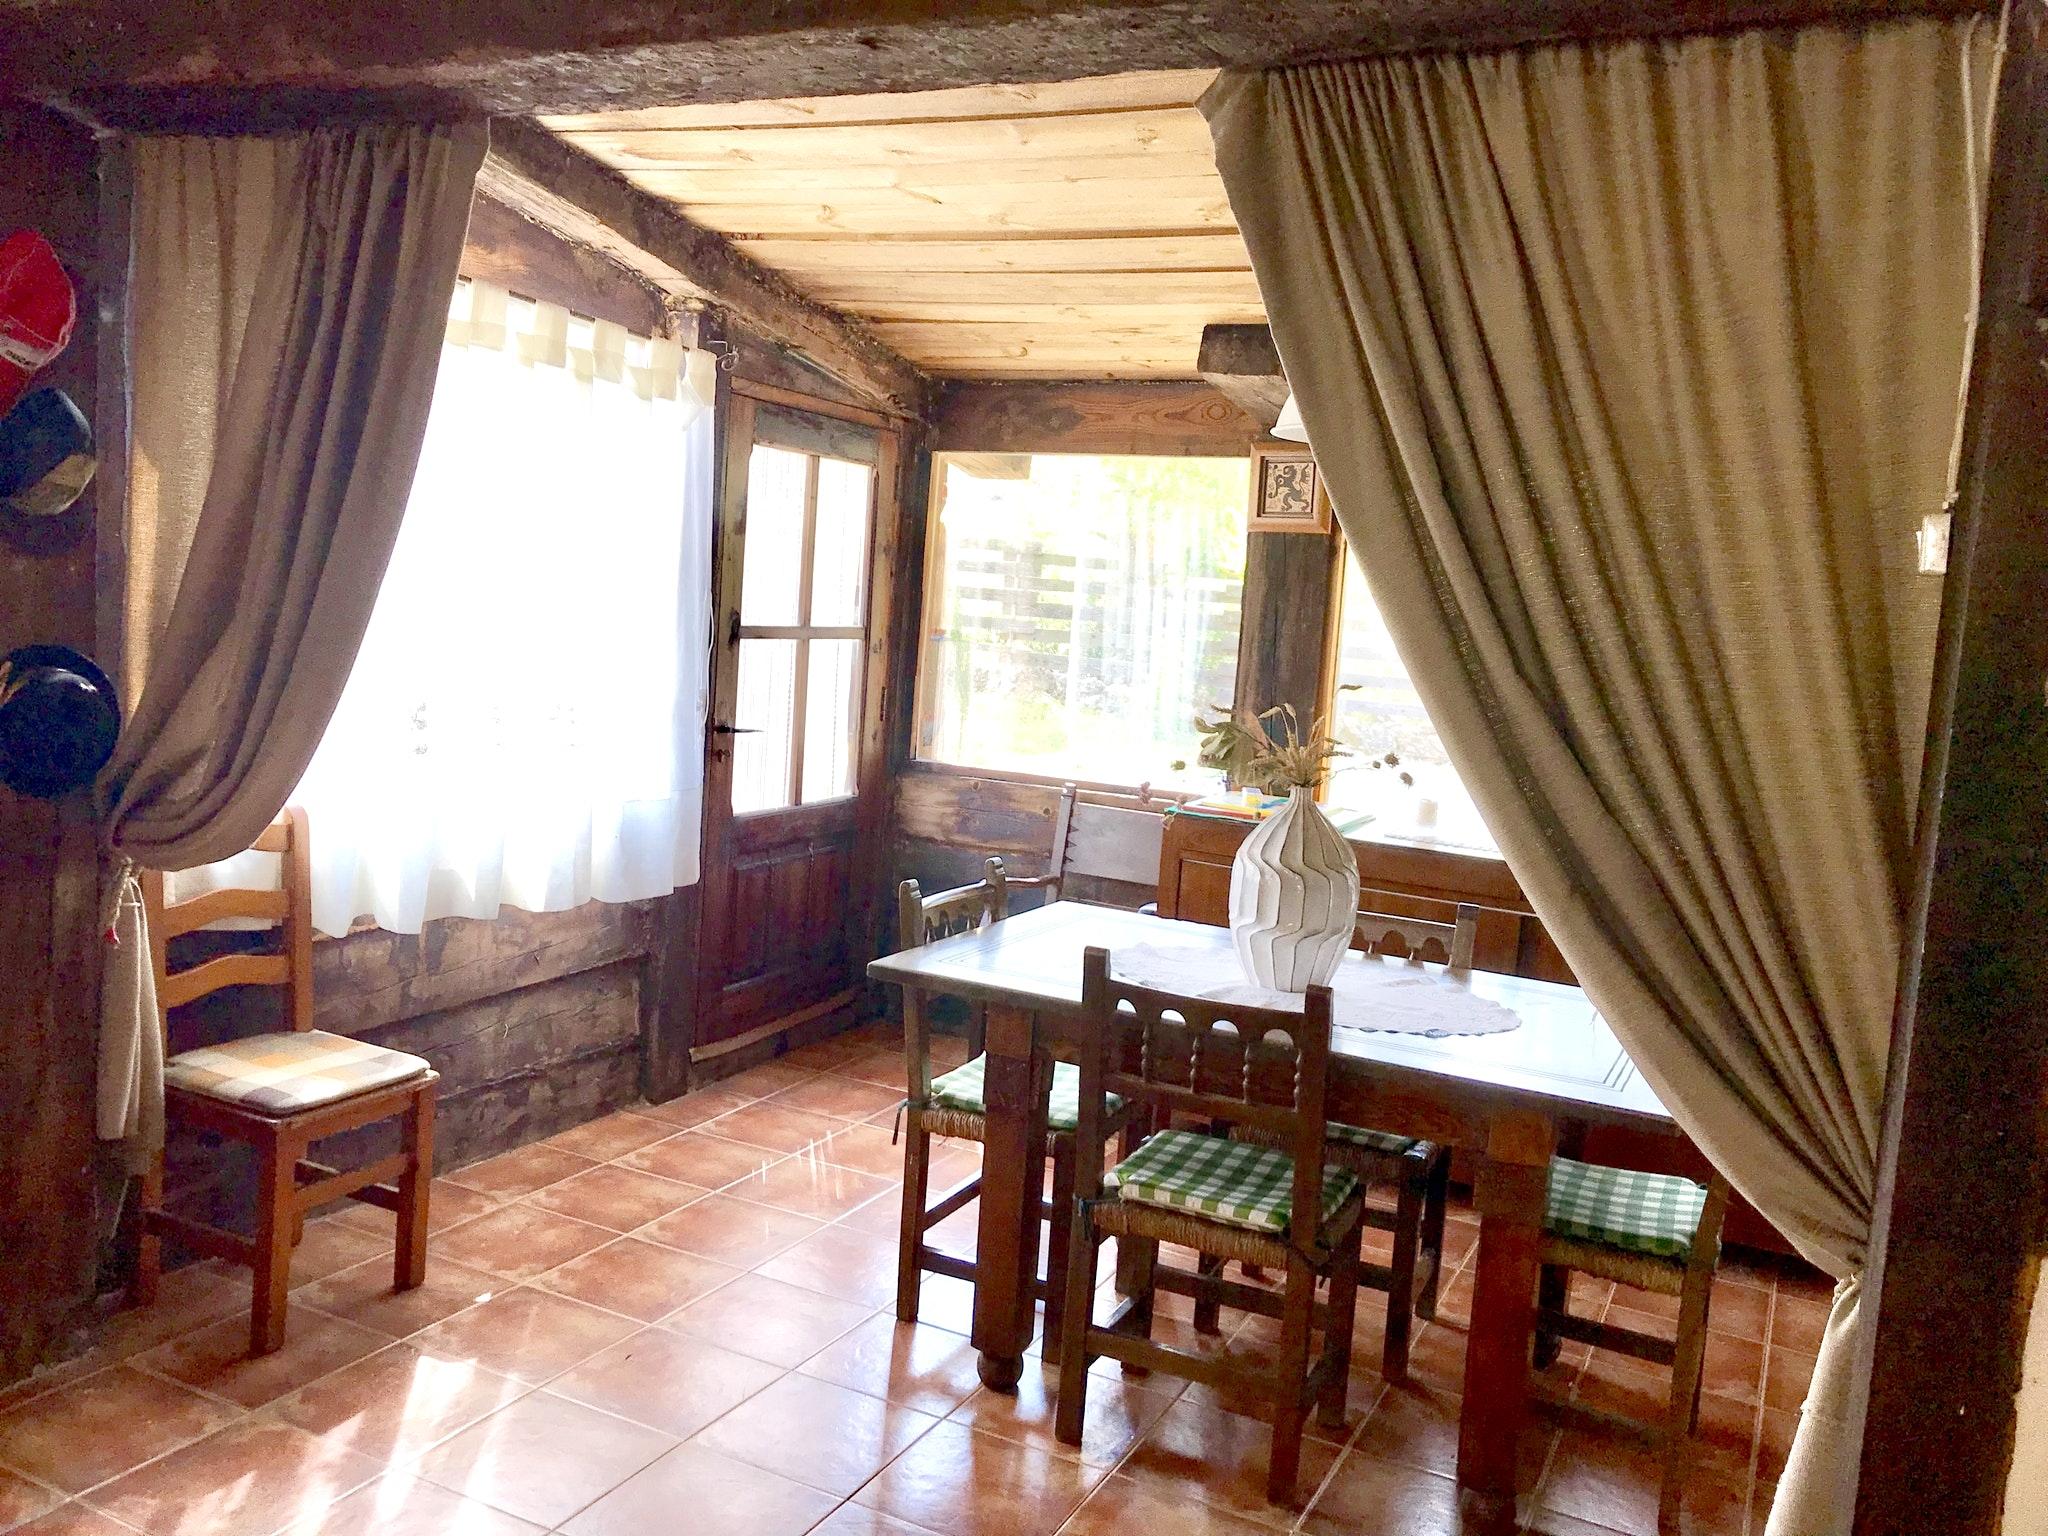 Maison de vacances Hütte mit 4 Schlafzimmern in Camarena de la Sierra mit toller Aussicht auf die Berge, priv (2474258), Camarena de la Sierra, Teruel, Aragon, Espagne, image 17